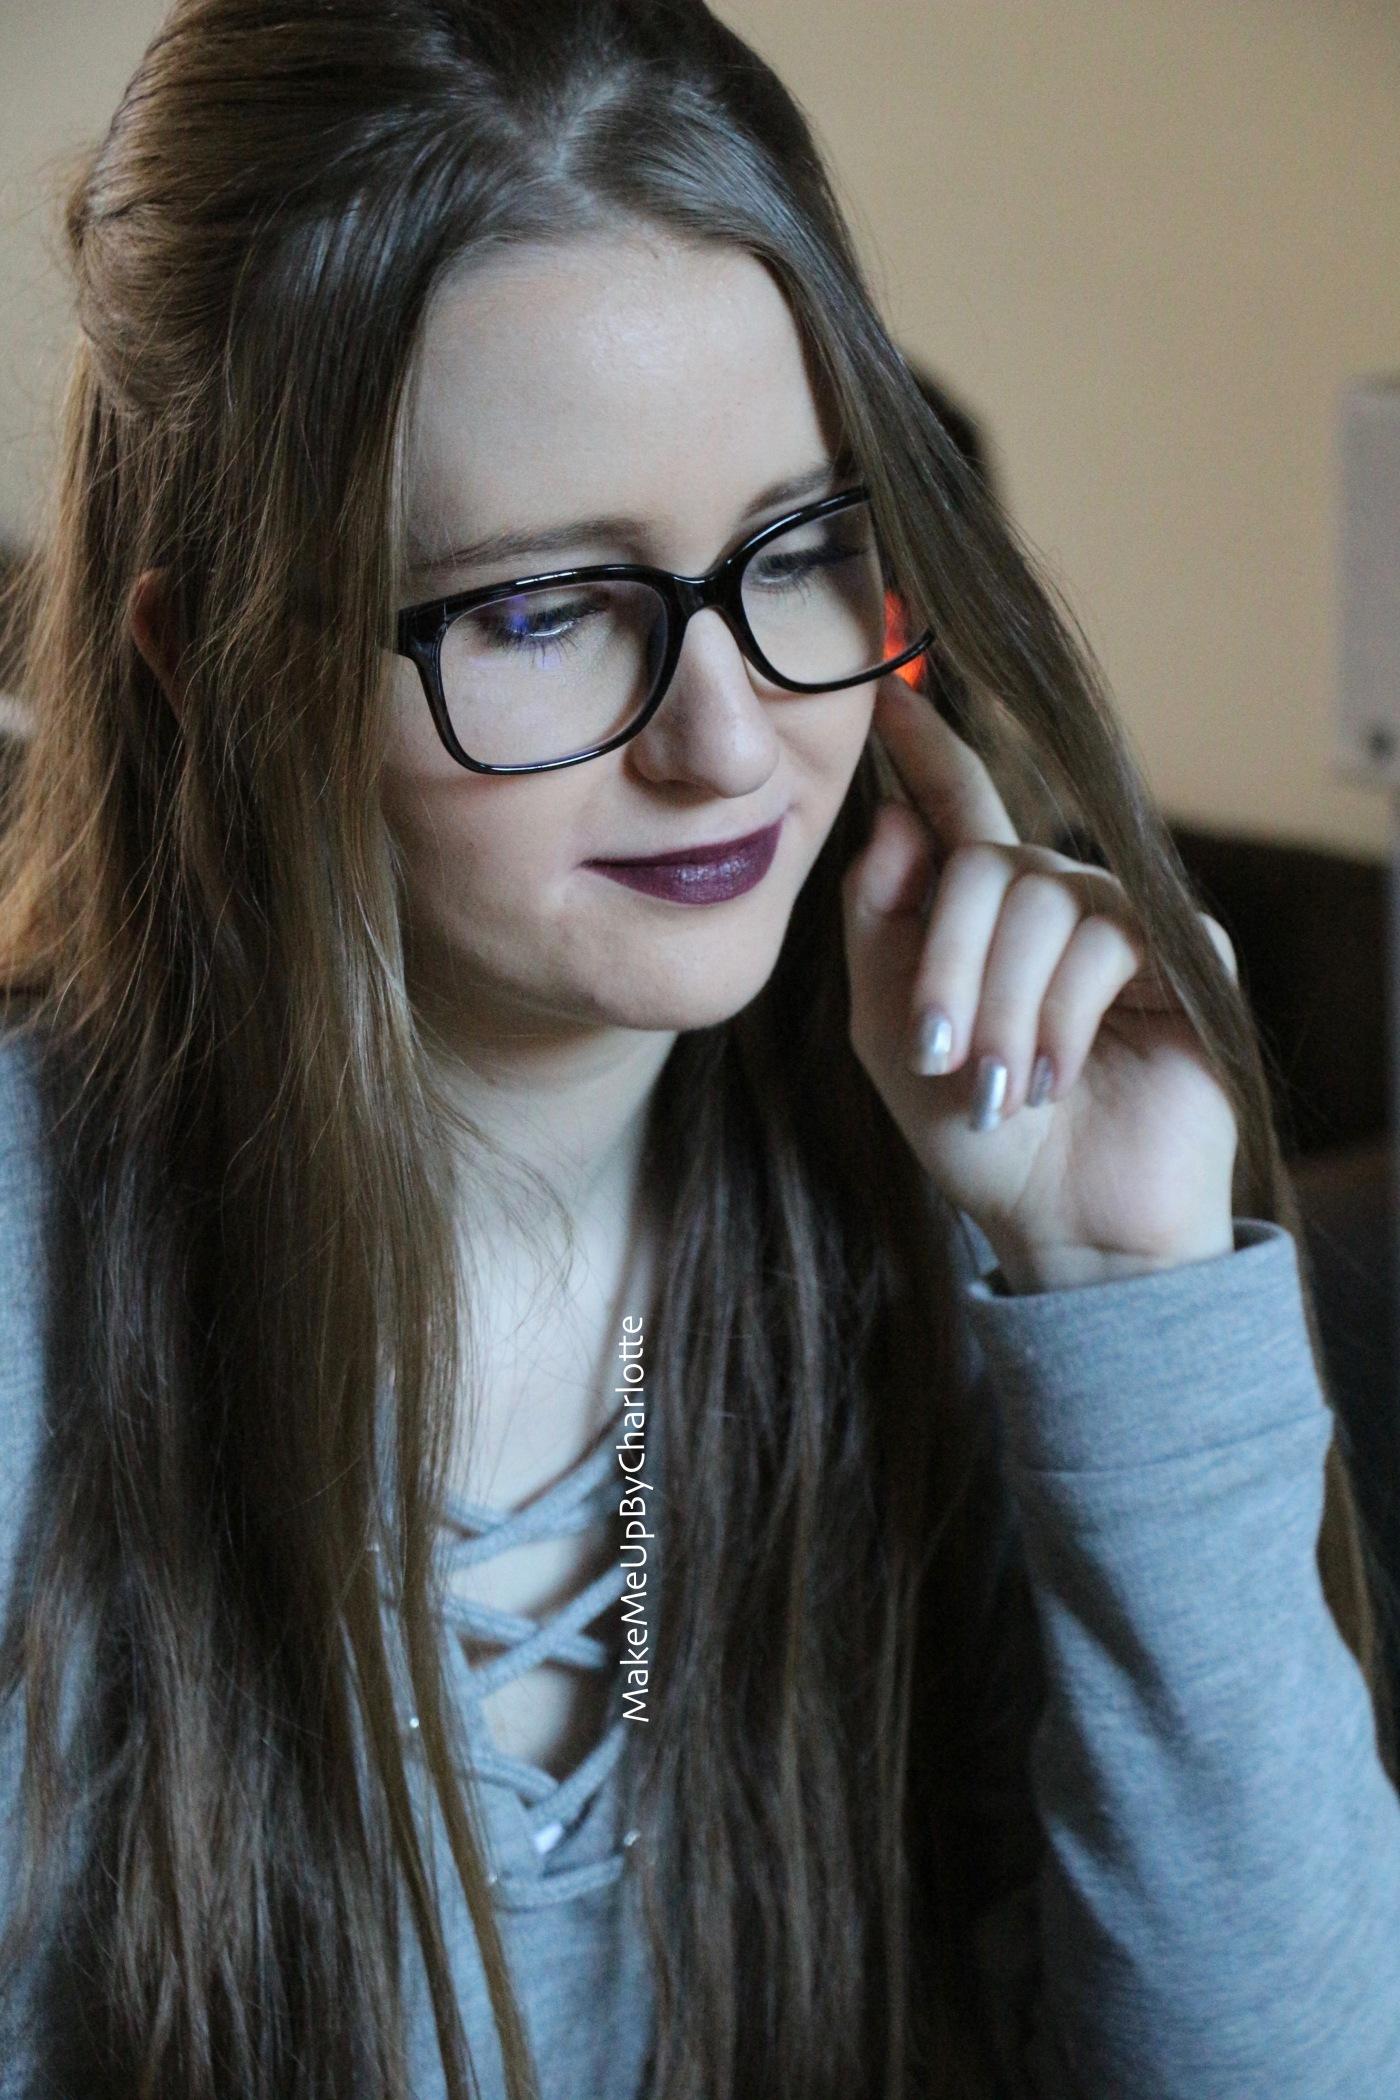 les lunettes contre les maux de t te et la fatigue l ordi concours makemeupbycharlotte. Black Bedroom Furniture Sets. Home Design Ideas